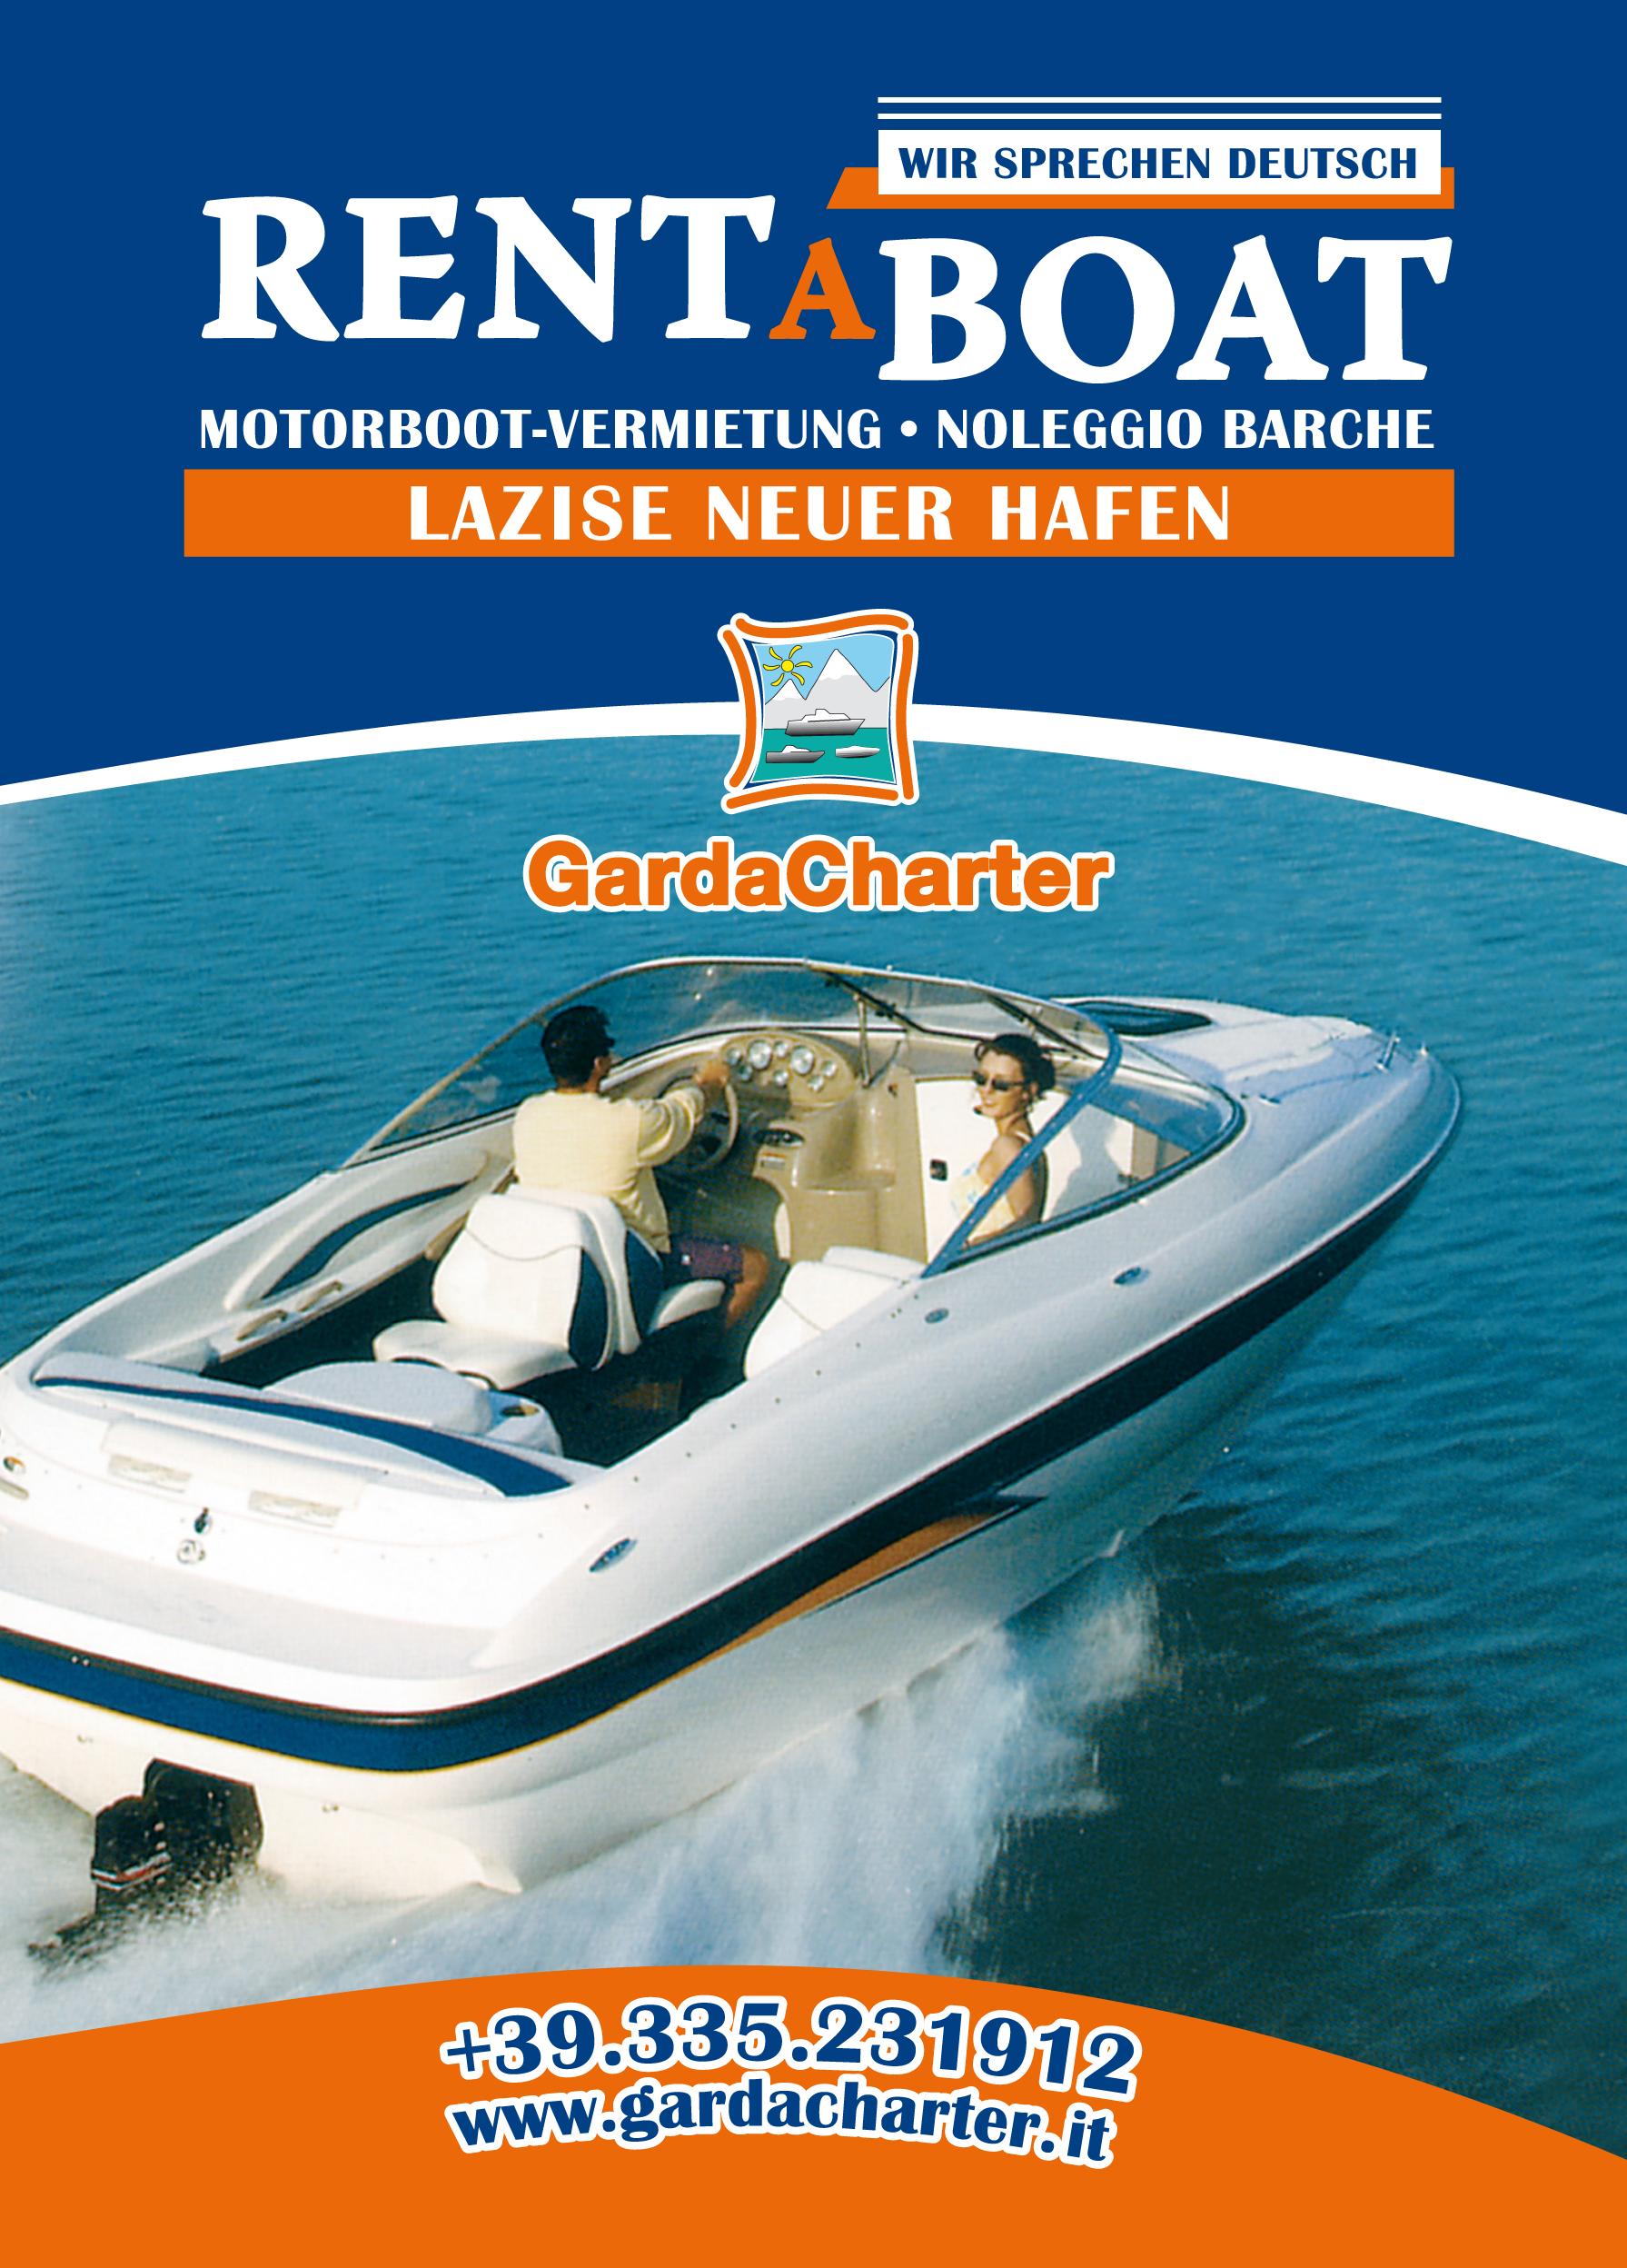 Garda Charter